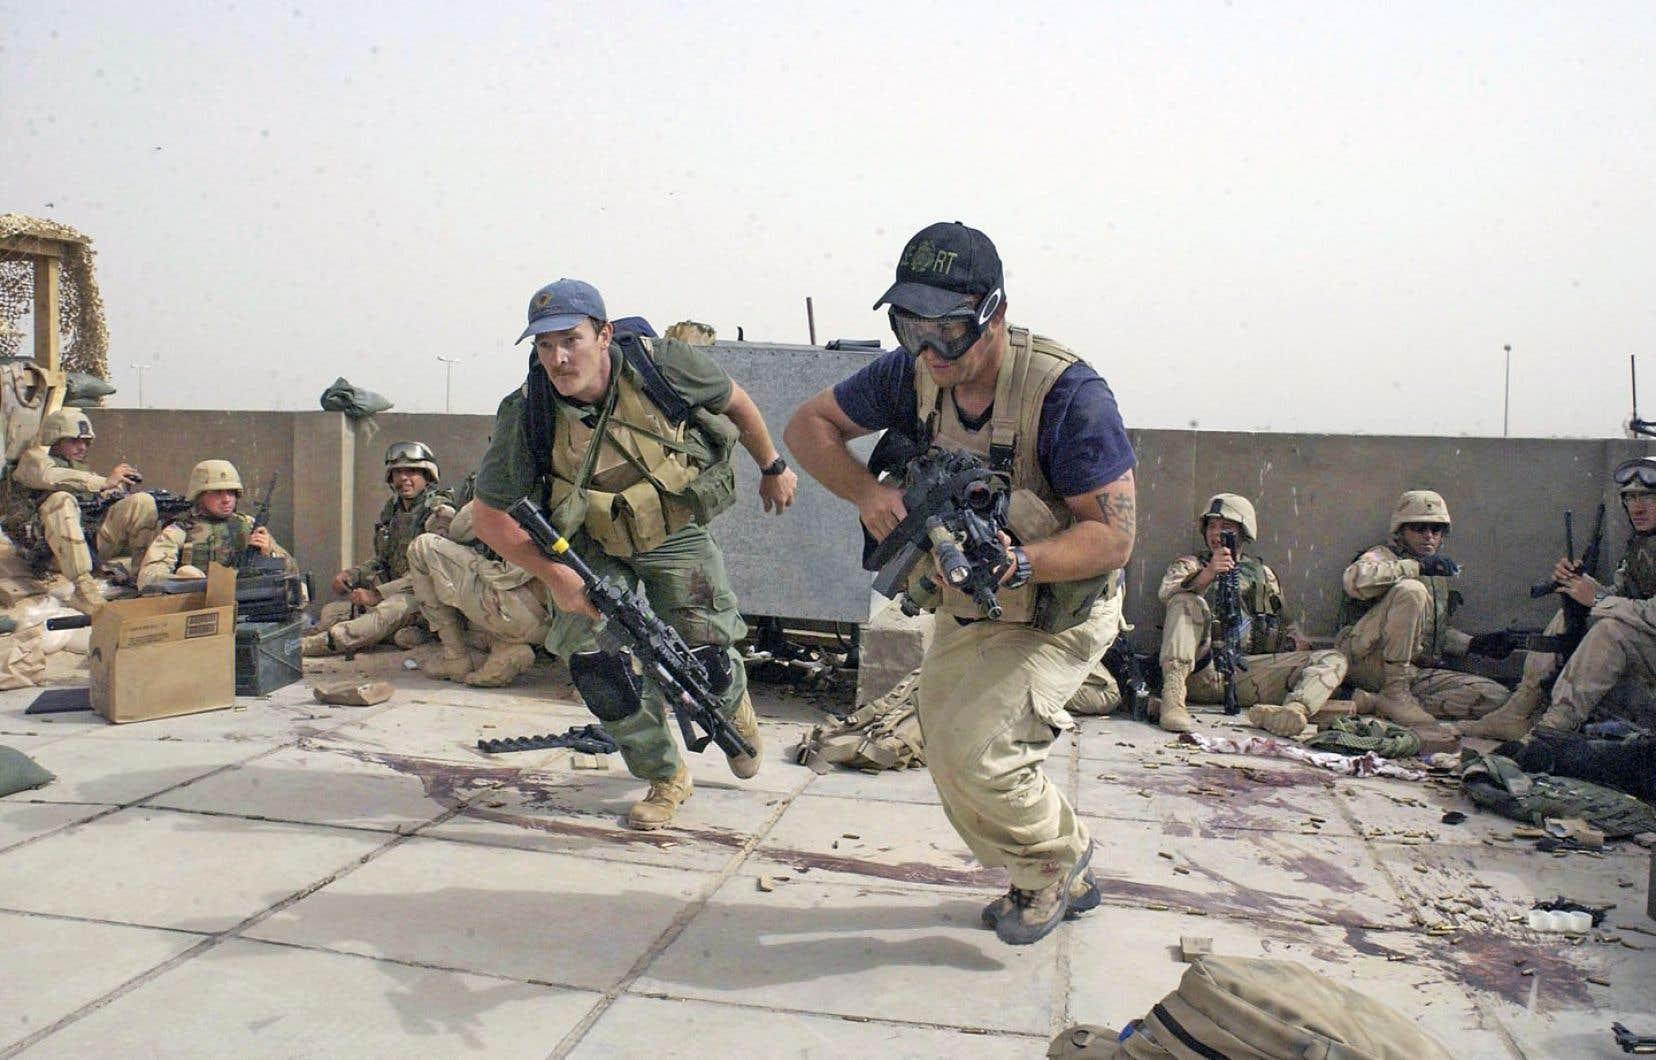 De plus en plus, la guerre est sous-traitée à des sociétés militaires privées. C'est ce qu'a fait l'armée américaine en retenant les services de la société Blackwater lors de l'intervention en Irak en 2003.